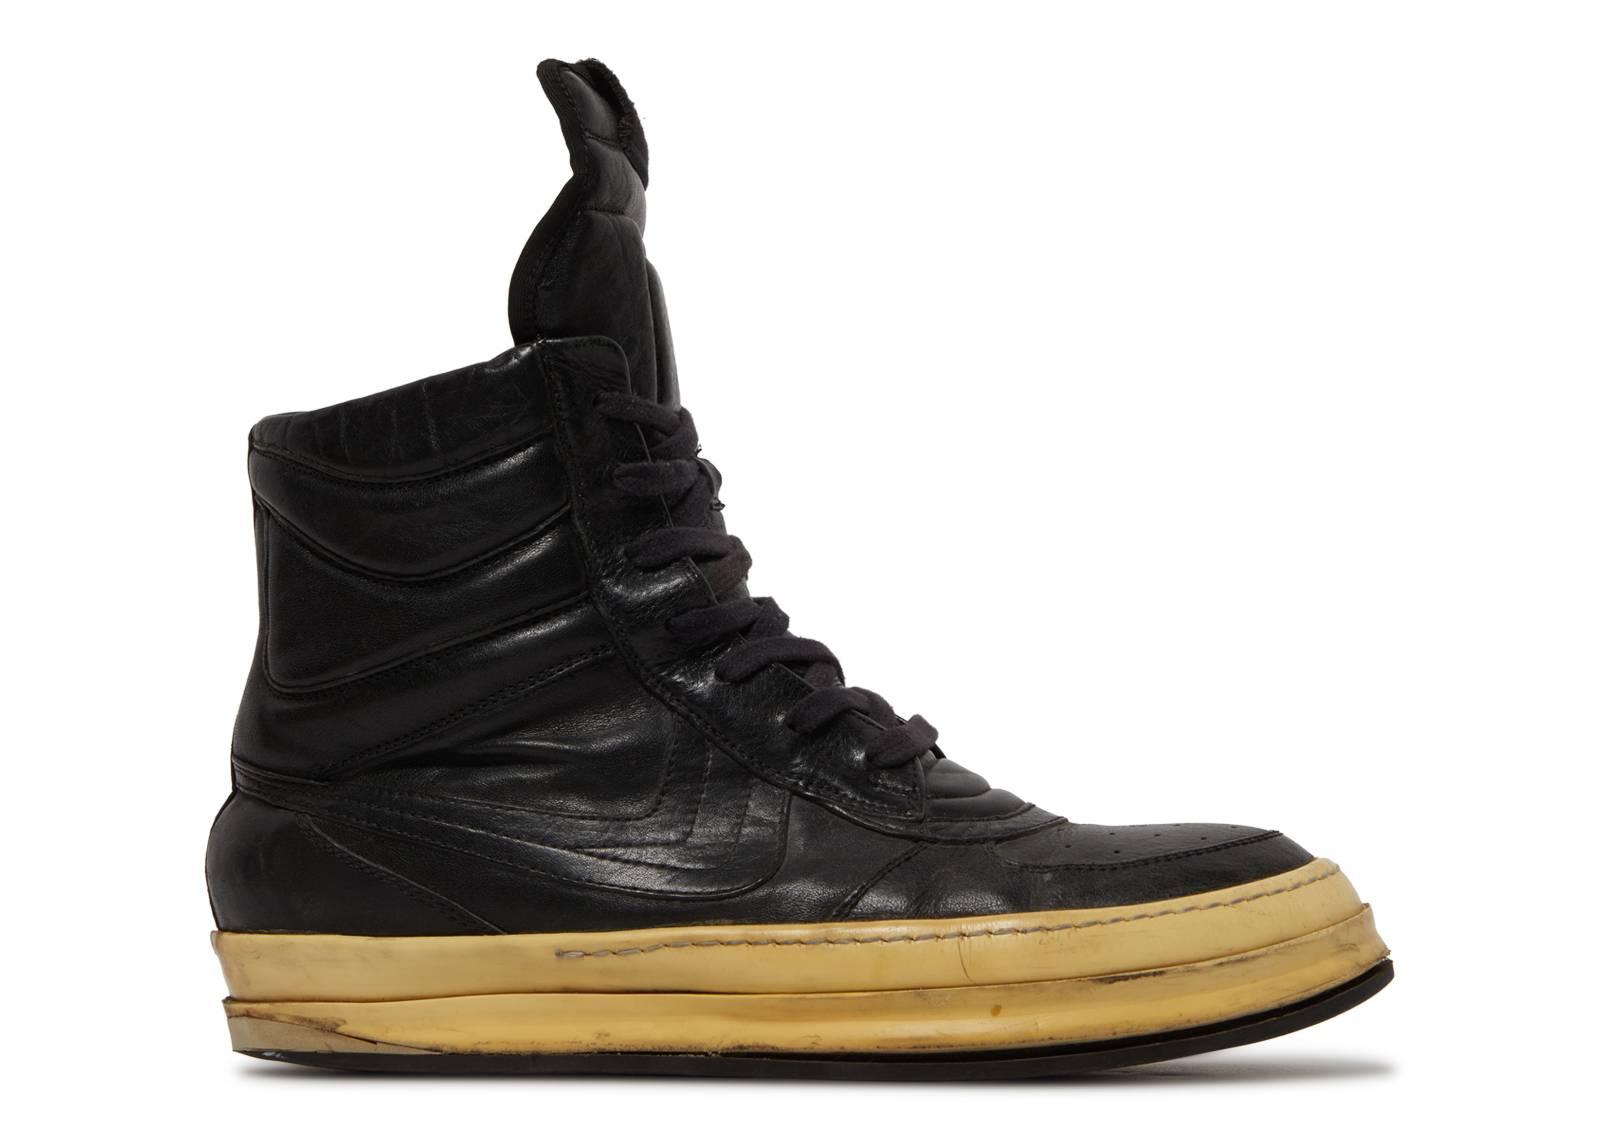 Nike Rosherun Mid QS